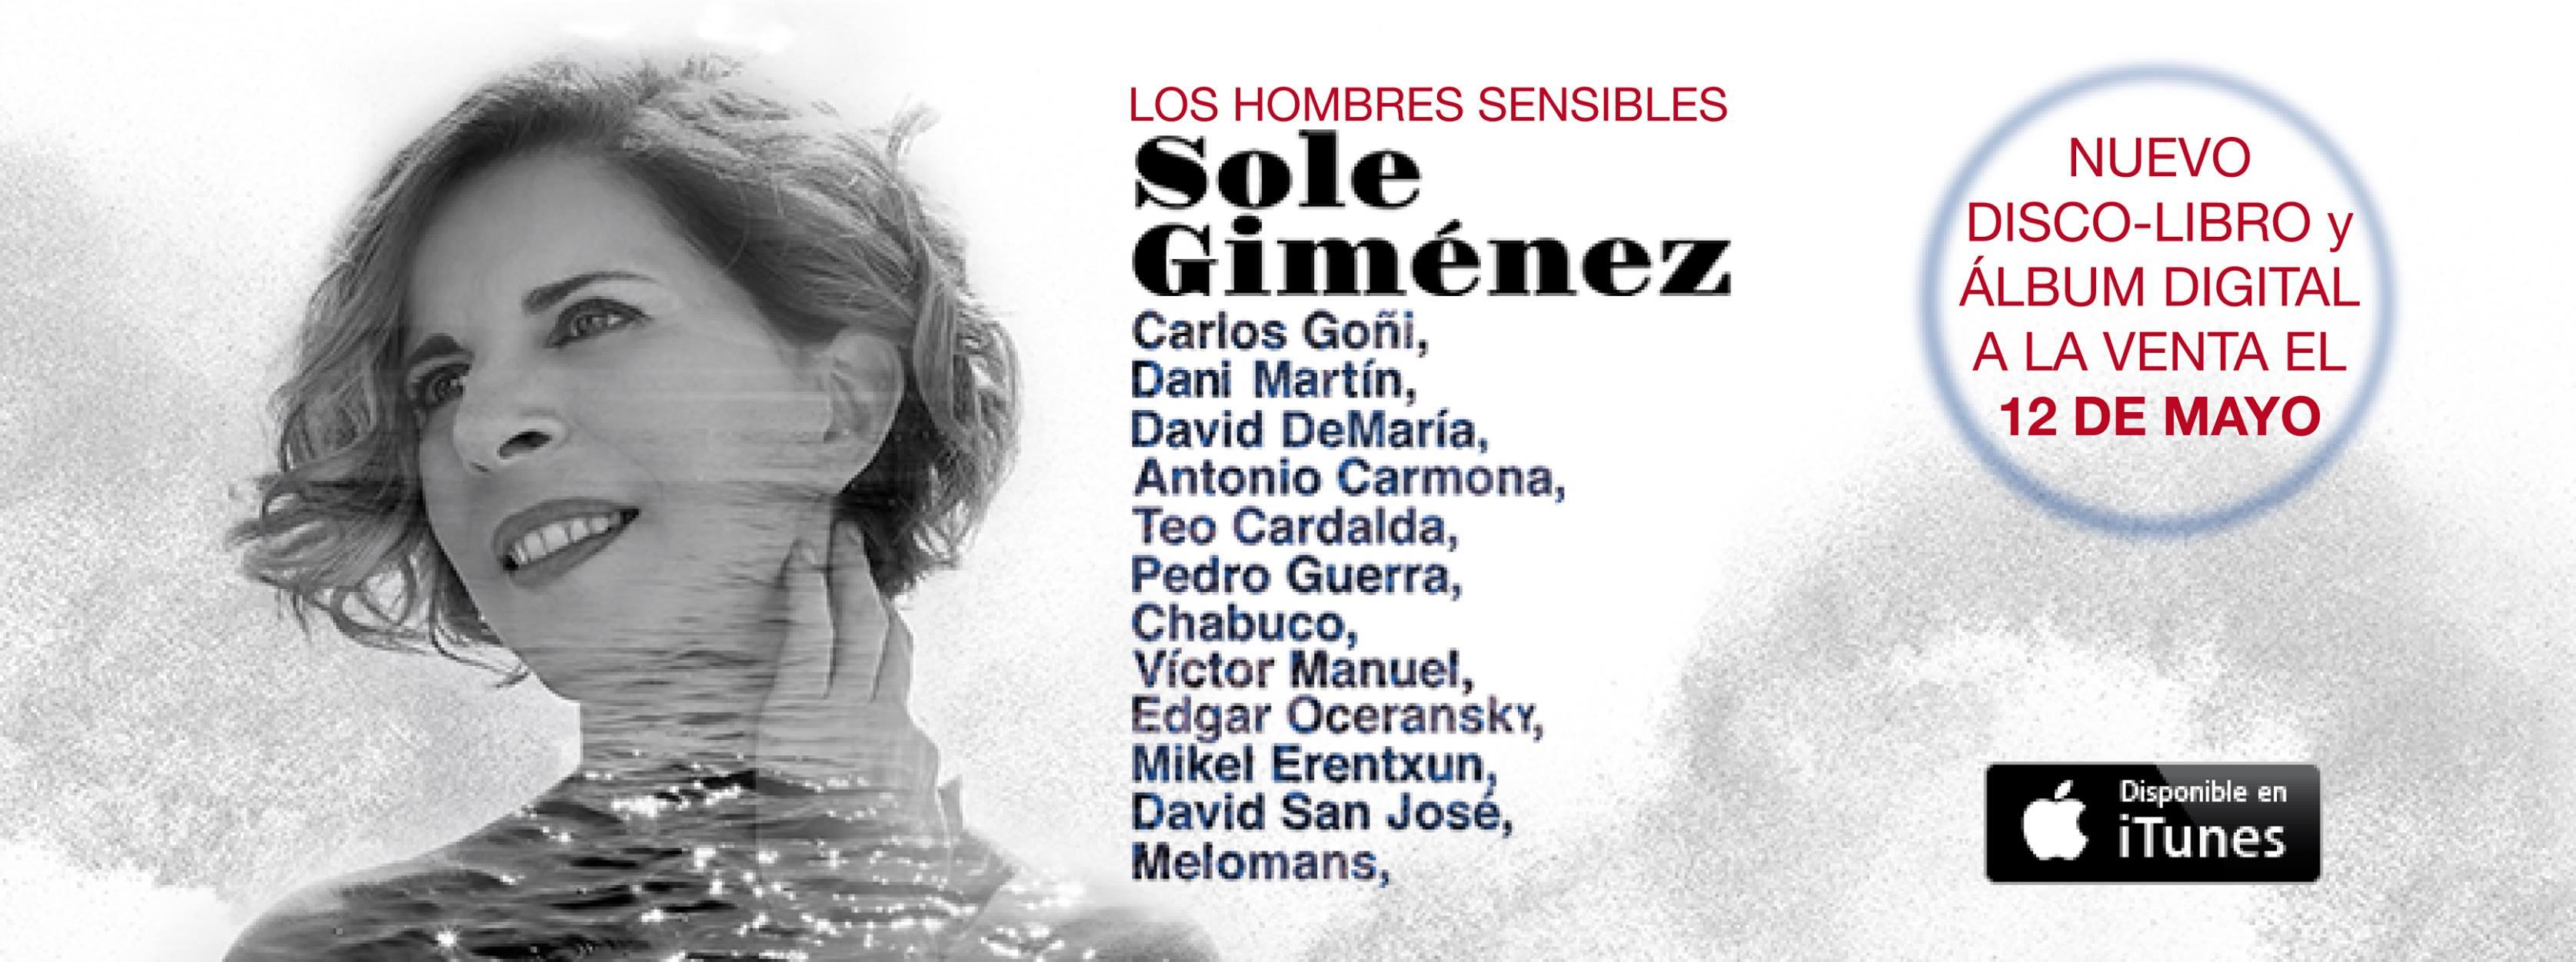 Sole Giménez presenta su disco 'Los hombres sensibles'